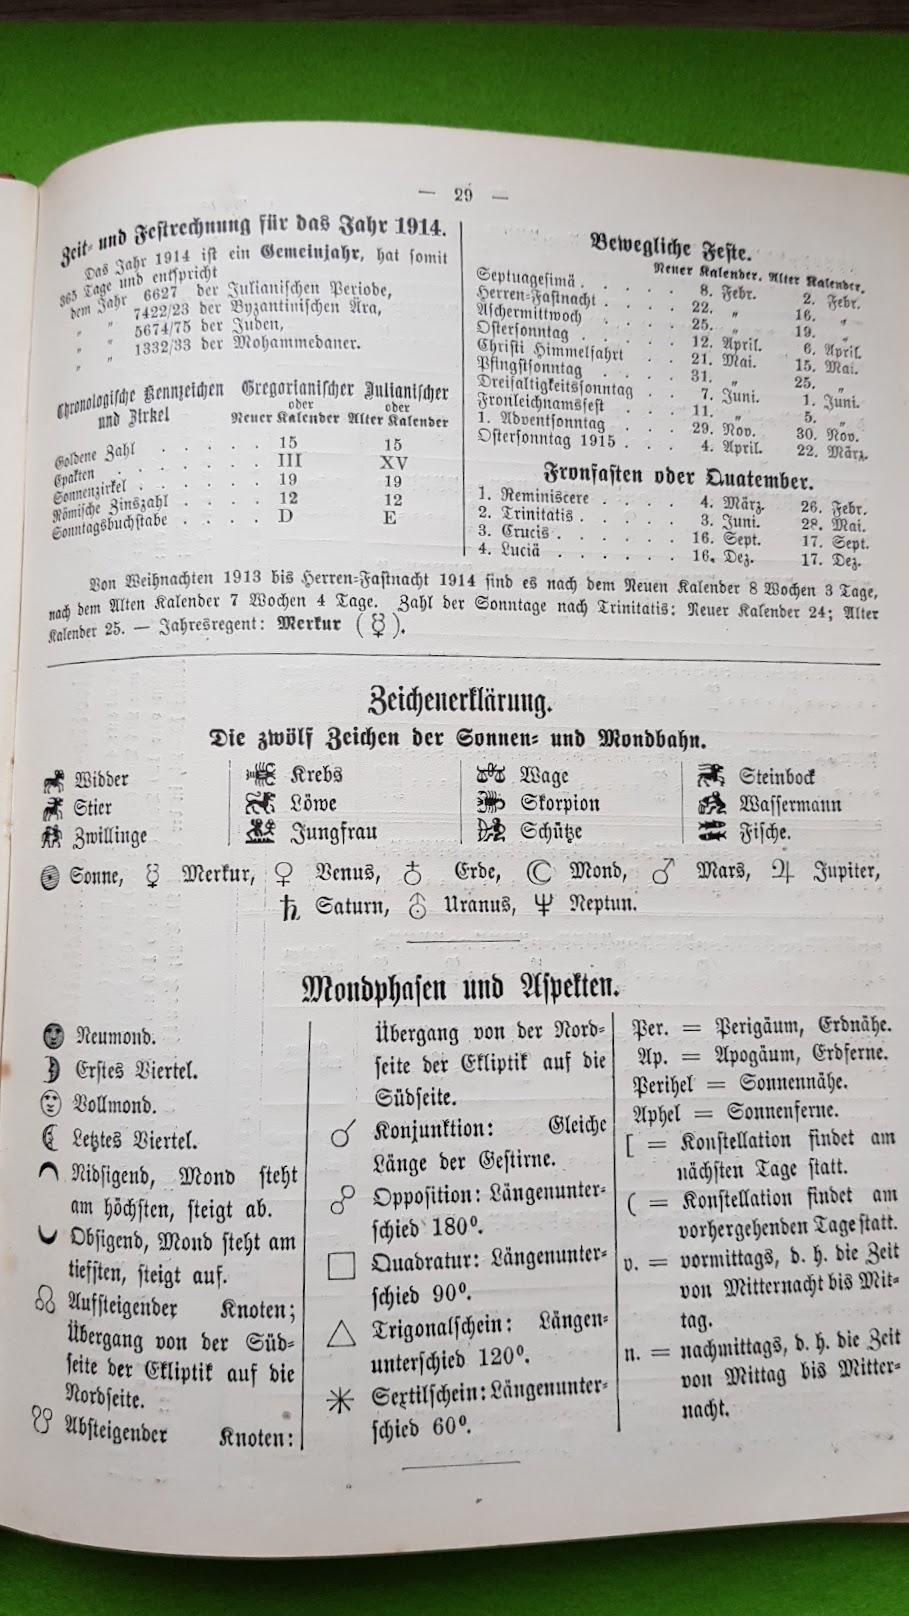 Großer Volkskalender des Lahrer hinkenden Boten - 1914 - Epakten, Chronologische Kennzeichen und Zirkel, Quatember, Bewegliche Feste